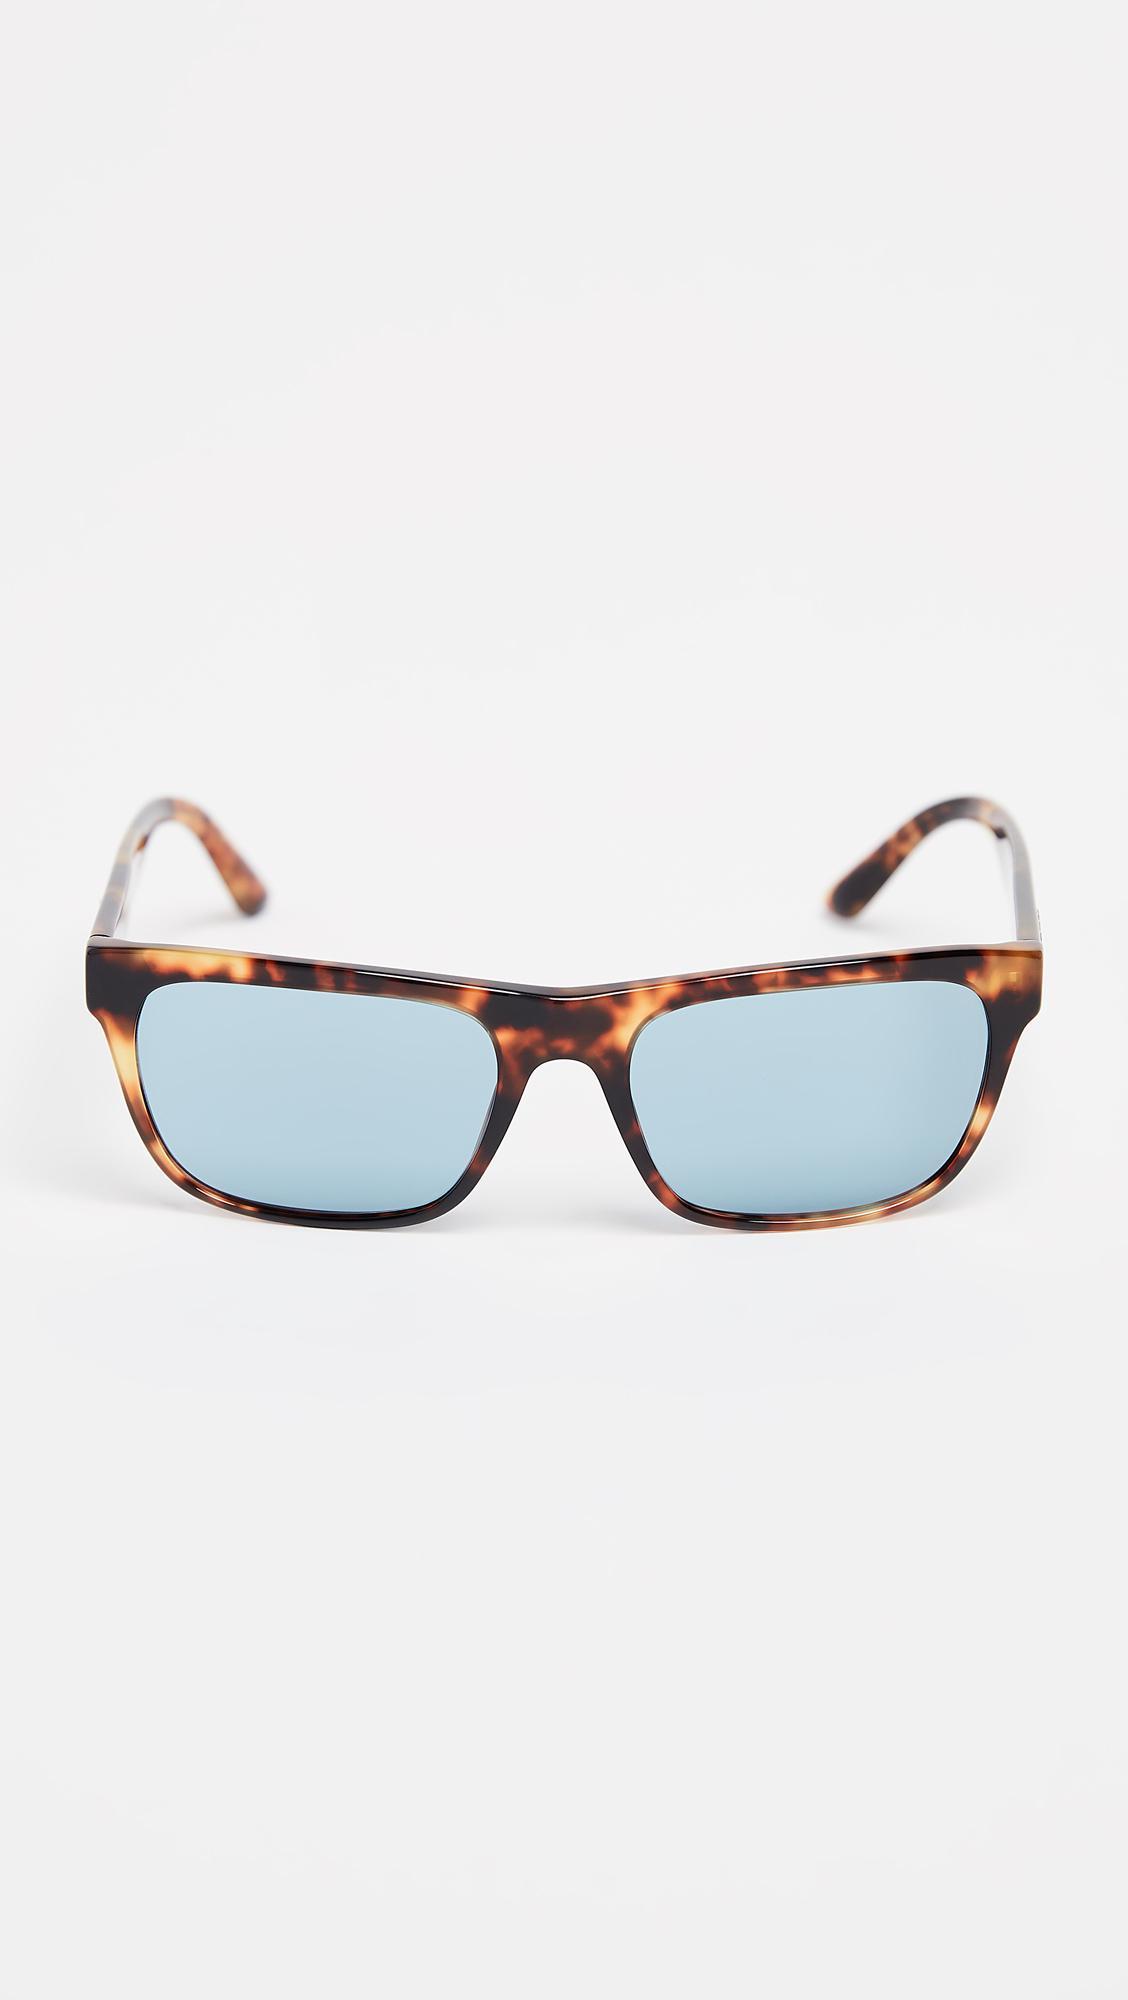 48edf9a9e86 Burberry Square Sunglasses in Blue for Men - Lyst